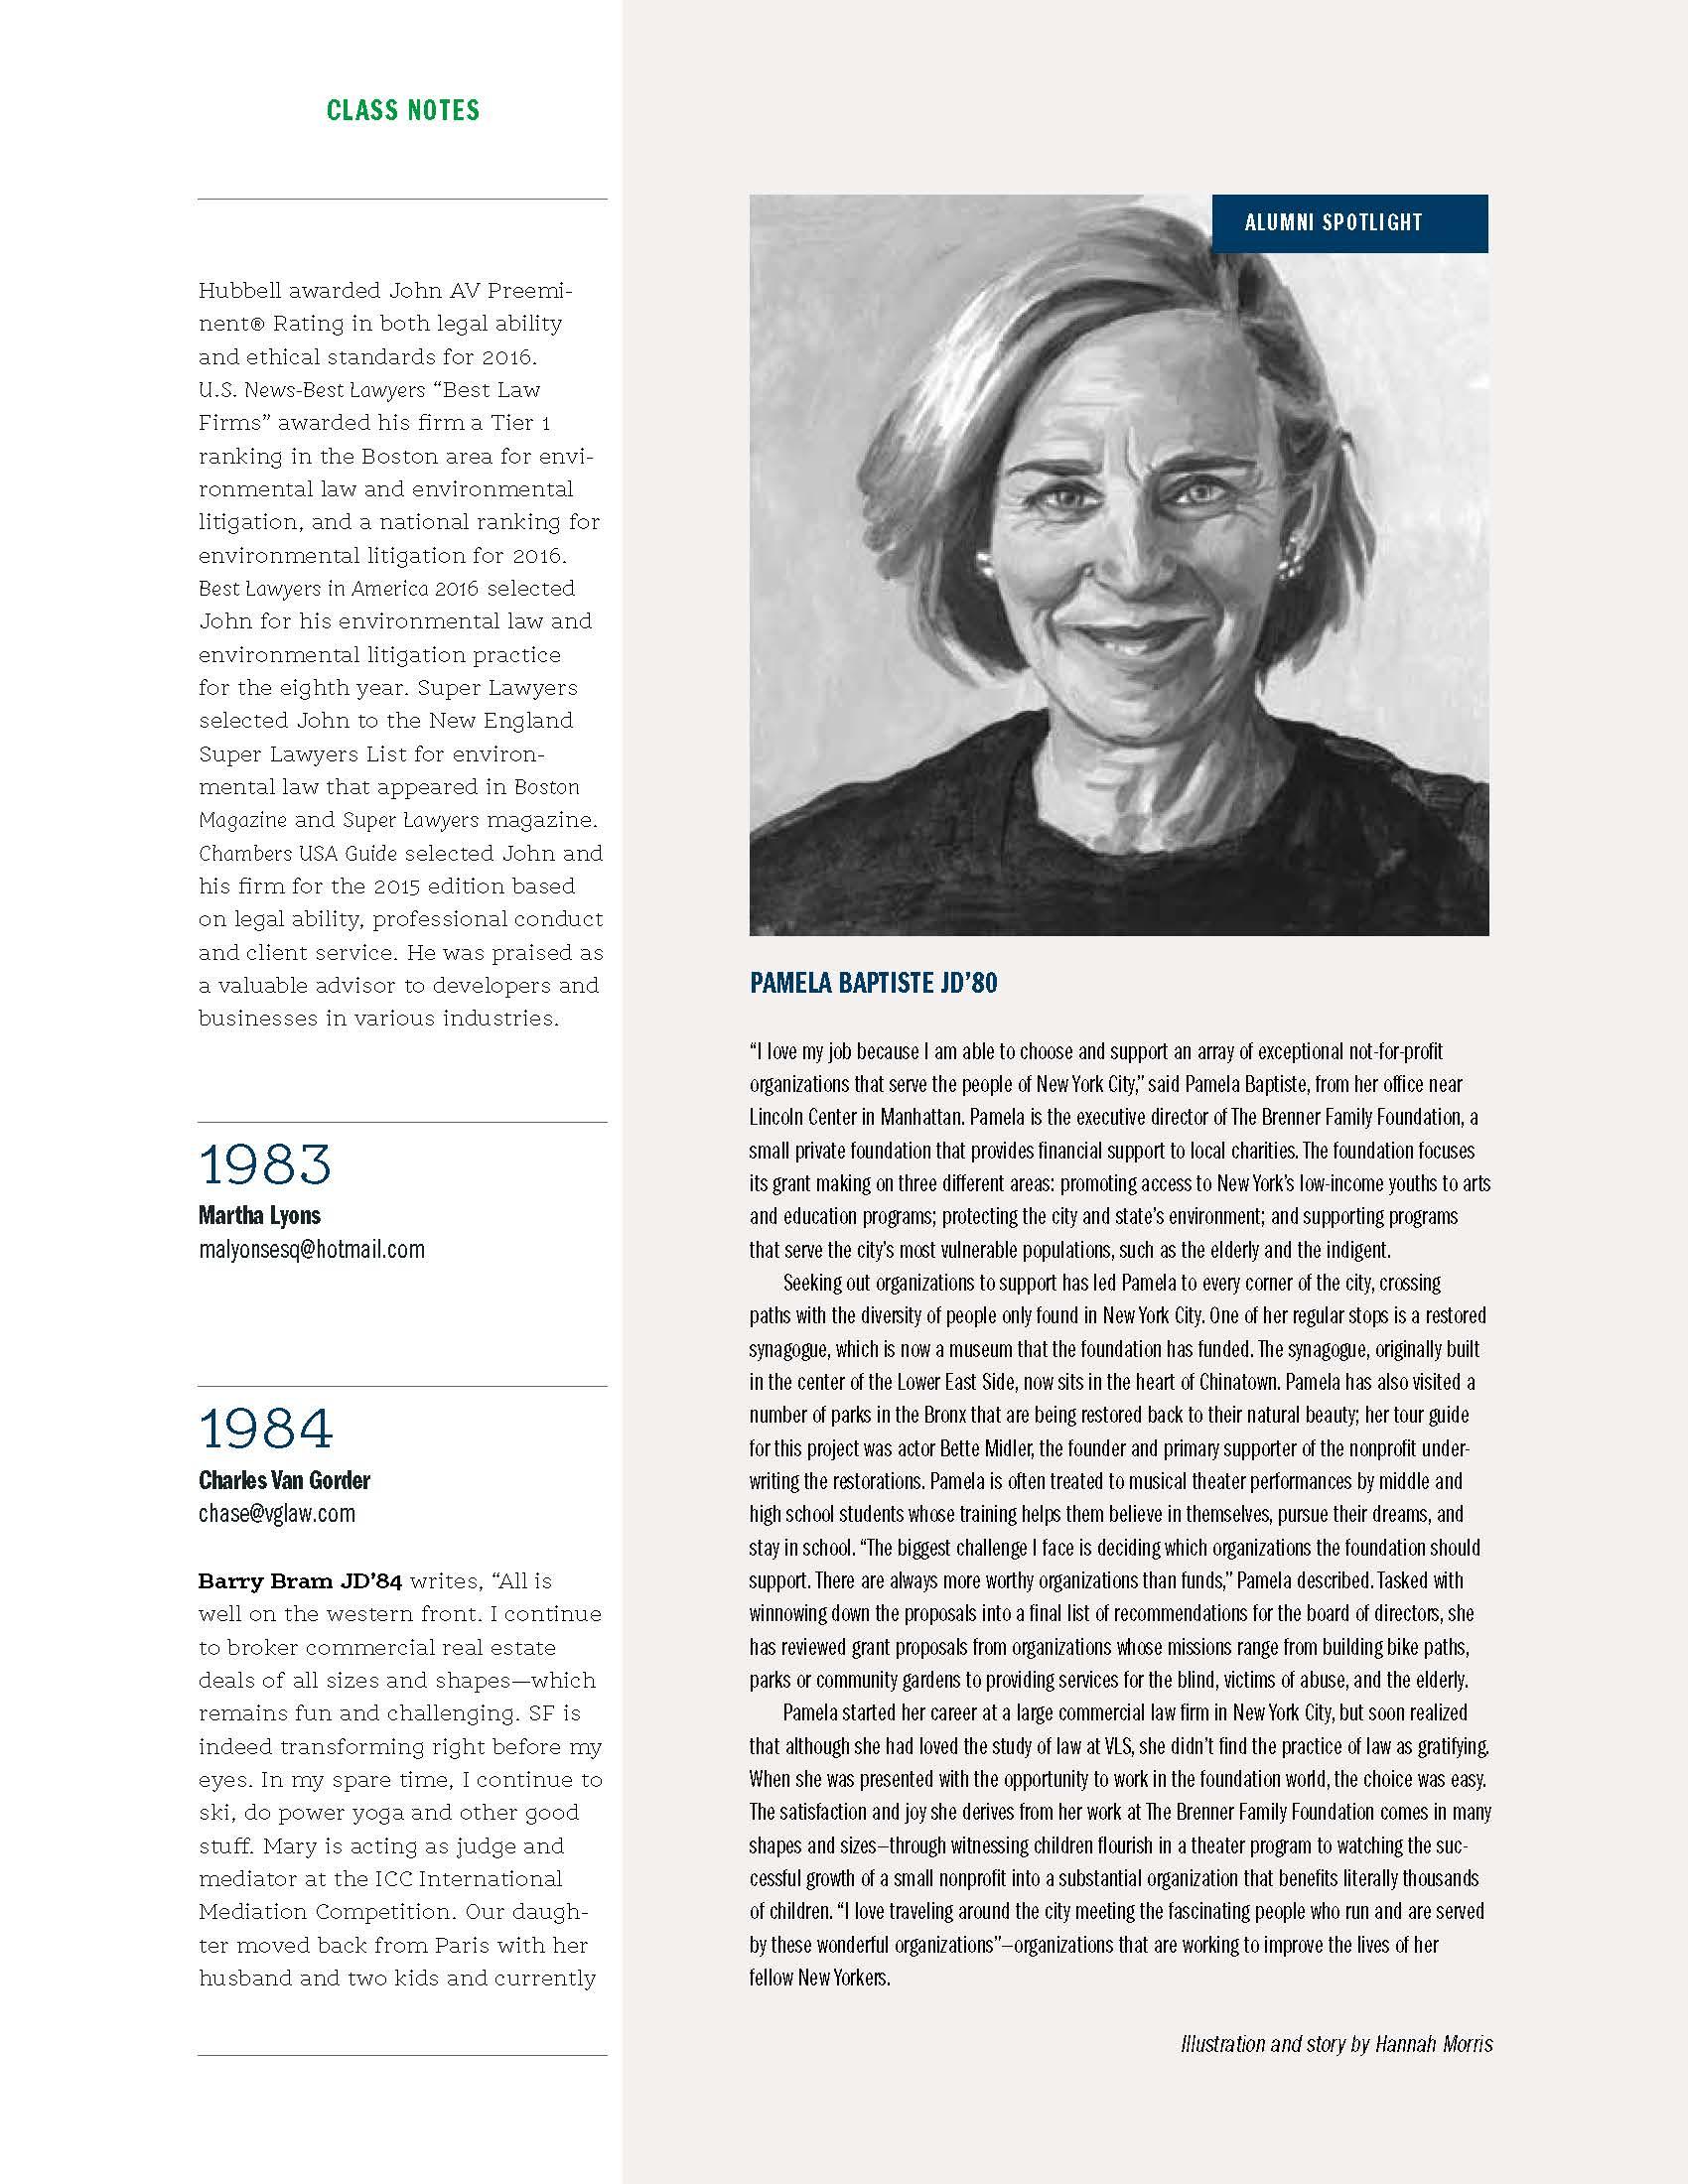 Portrait Illustration / Vermont Law School Alumni Magazine LOQUITUR